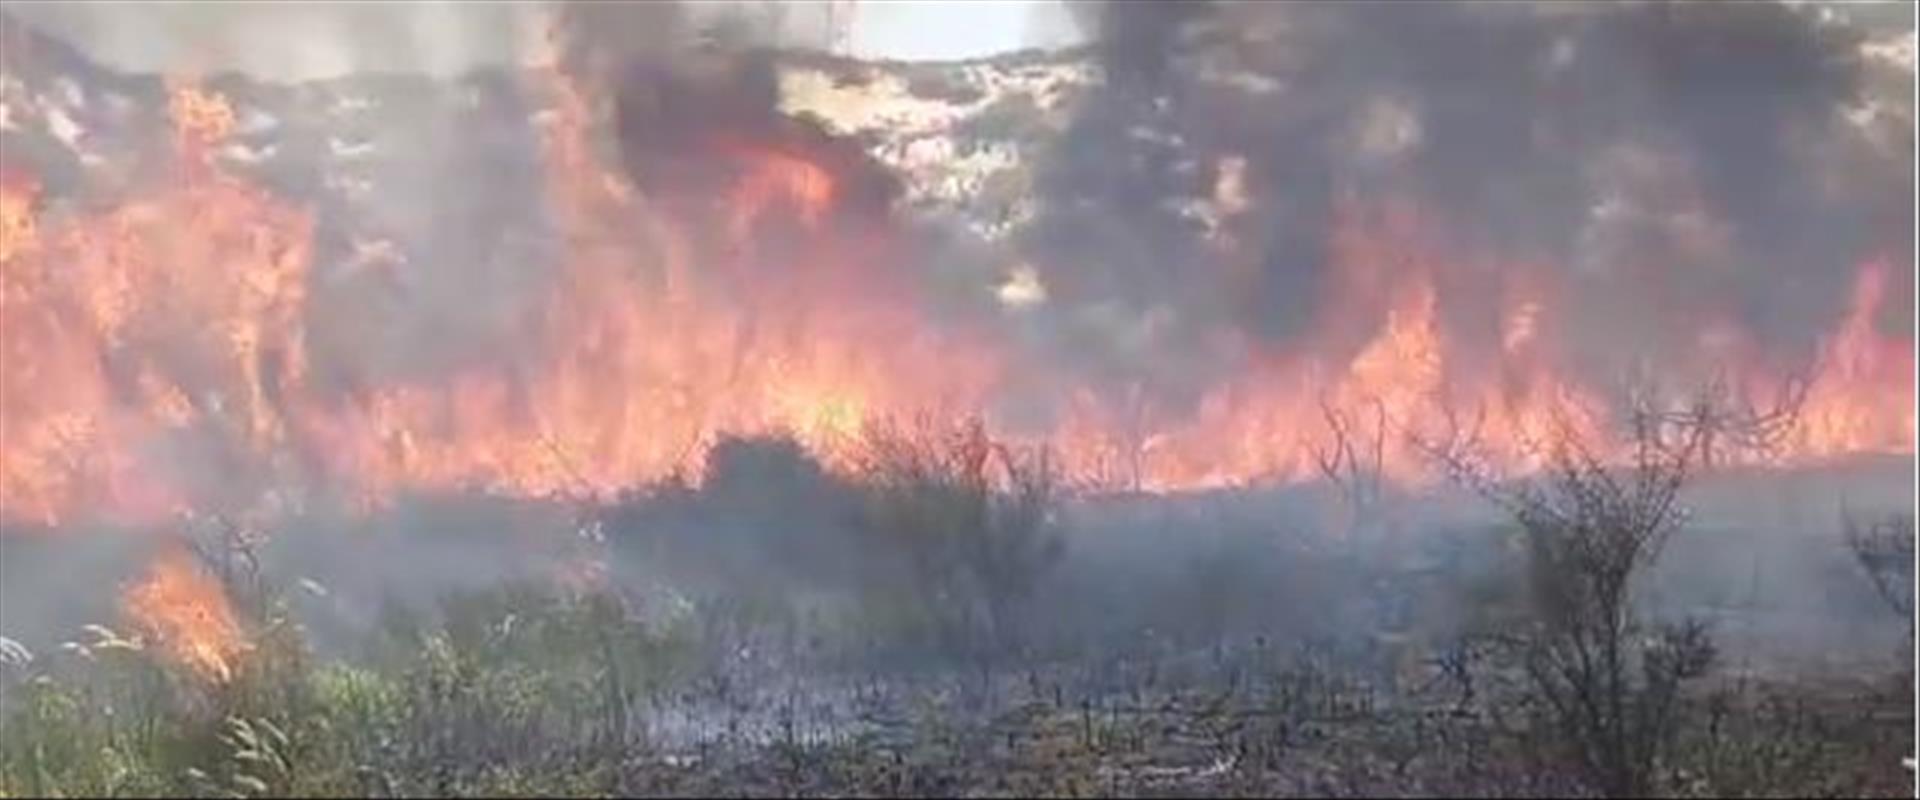 שריפה בנתיב העשרה